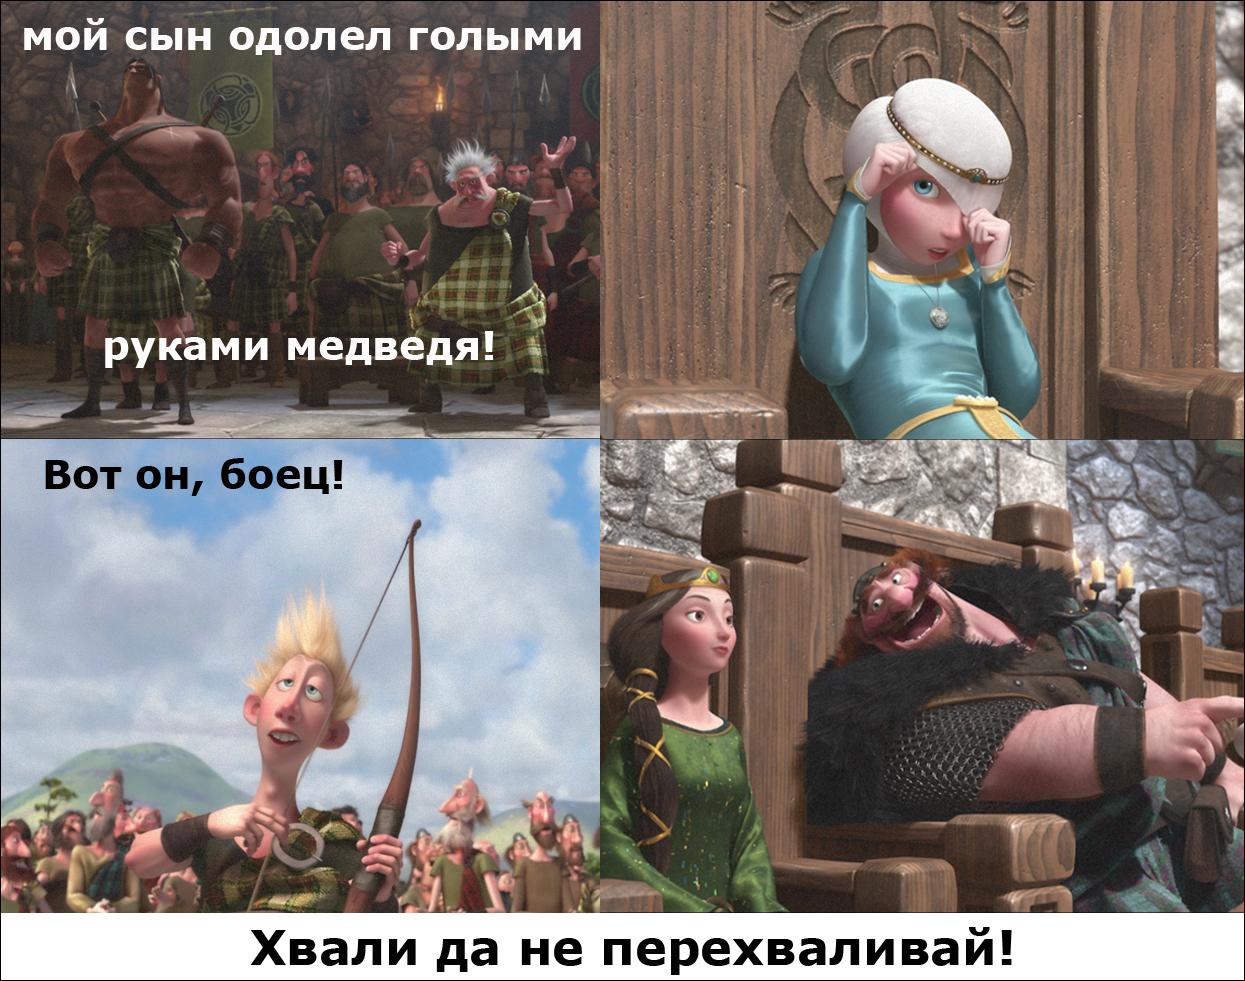 Порно комиксы на русском языке